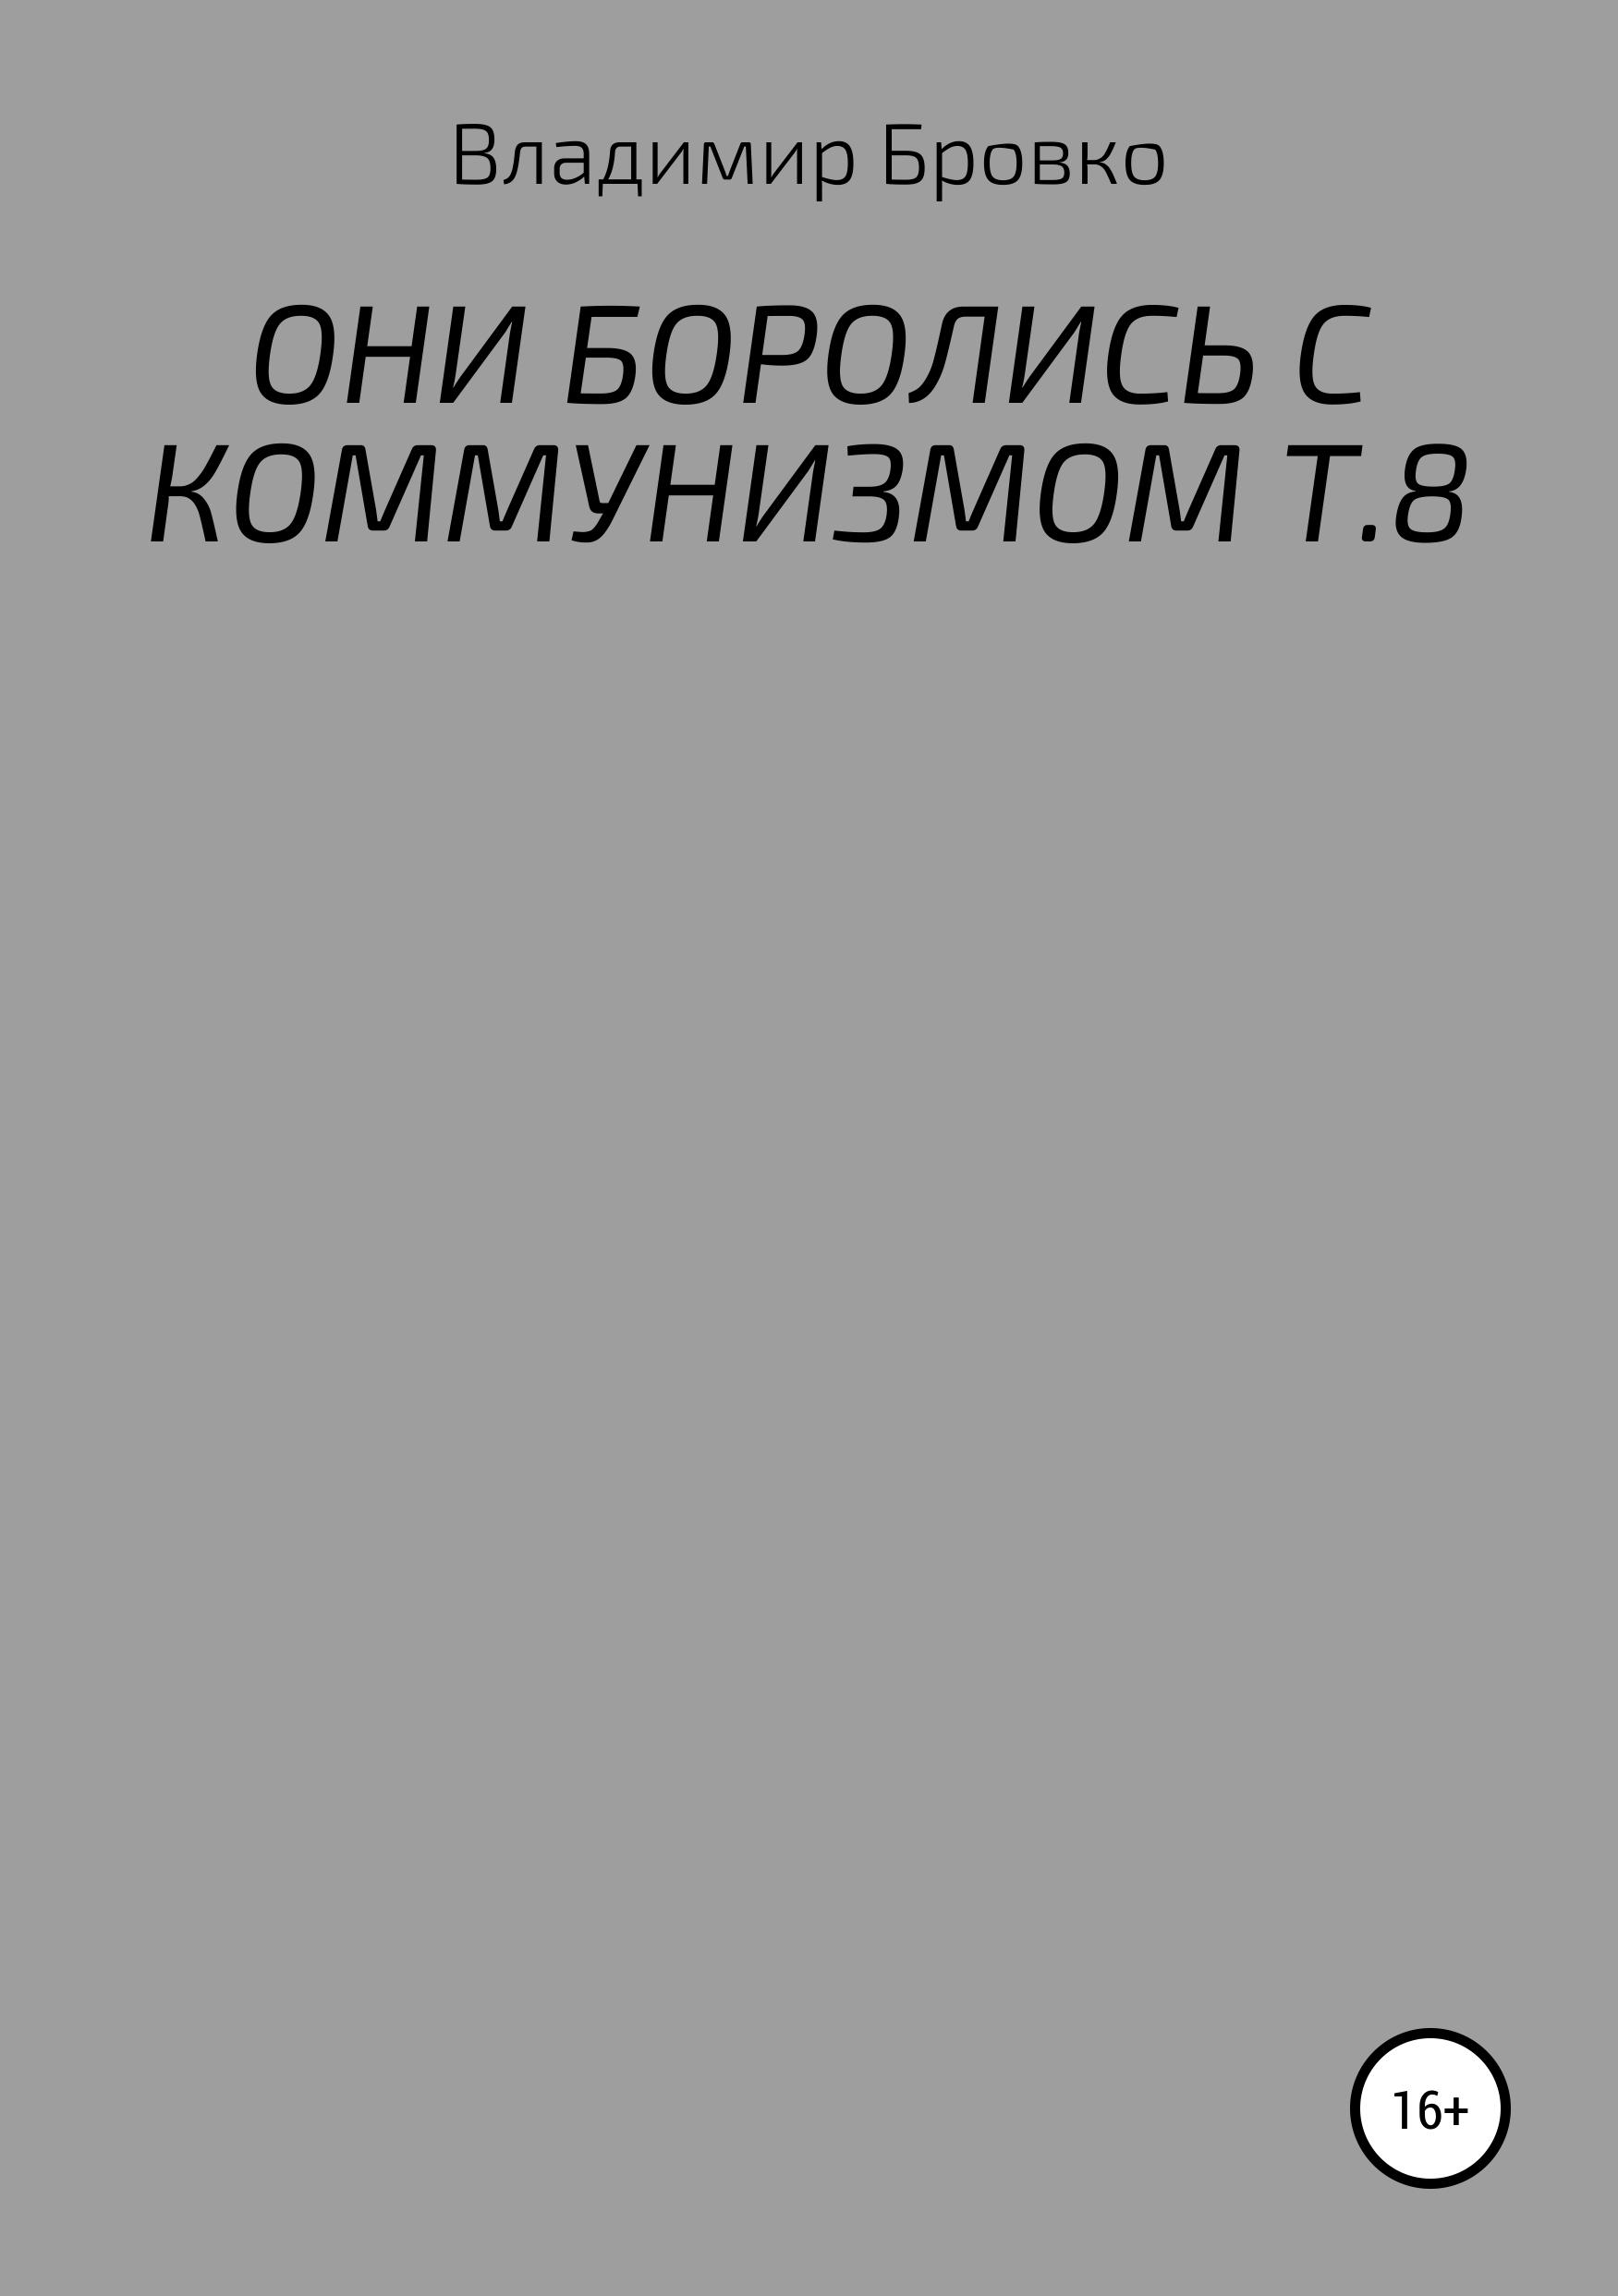 ОНИ БОРОЛИСЬ С КОММУНИЗМОМ Т.8